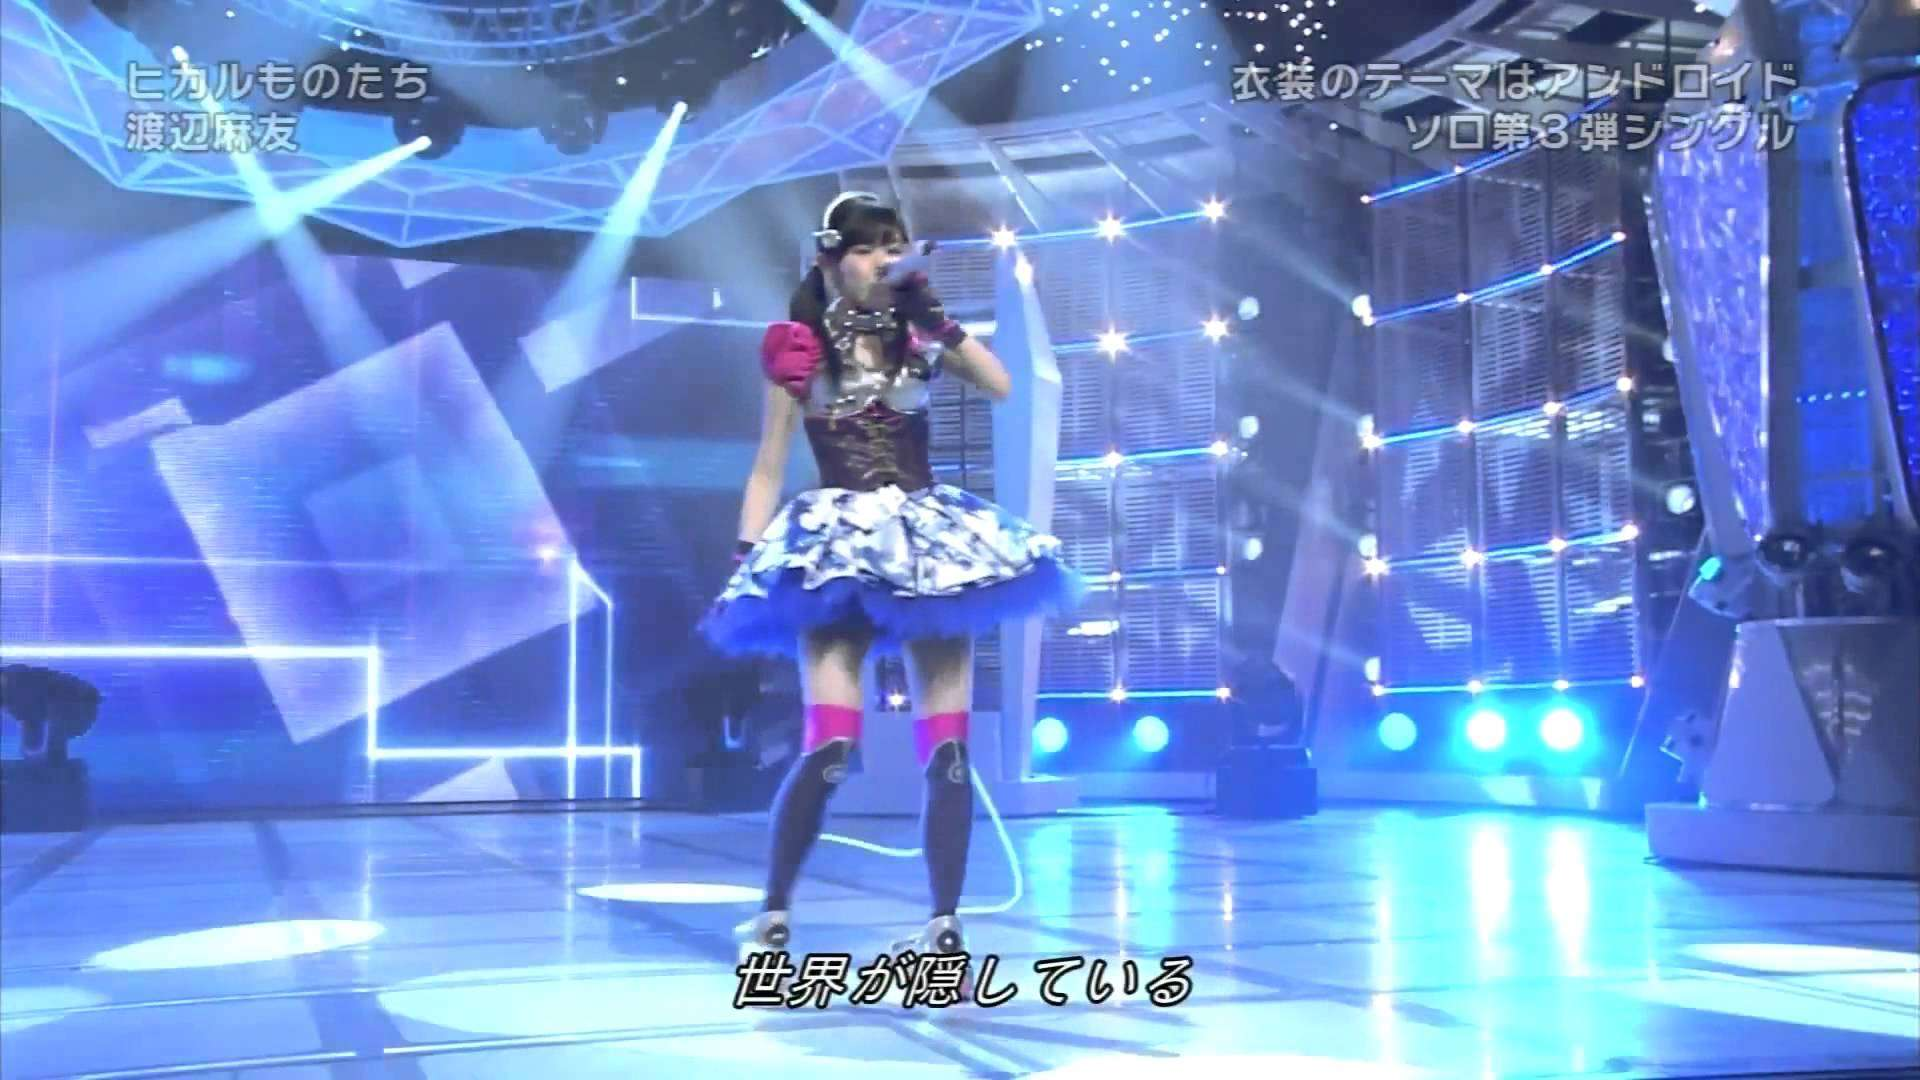 【ソロ】AKB48渡辺麻友の生歌が凄い。嵐大野智よりも上手すぎる! - YouTube